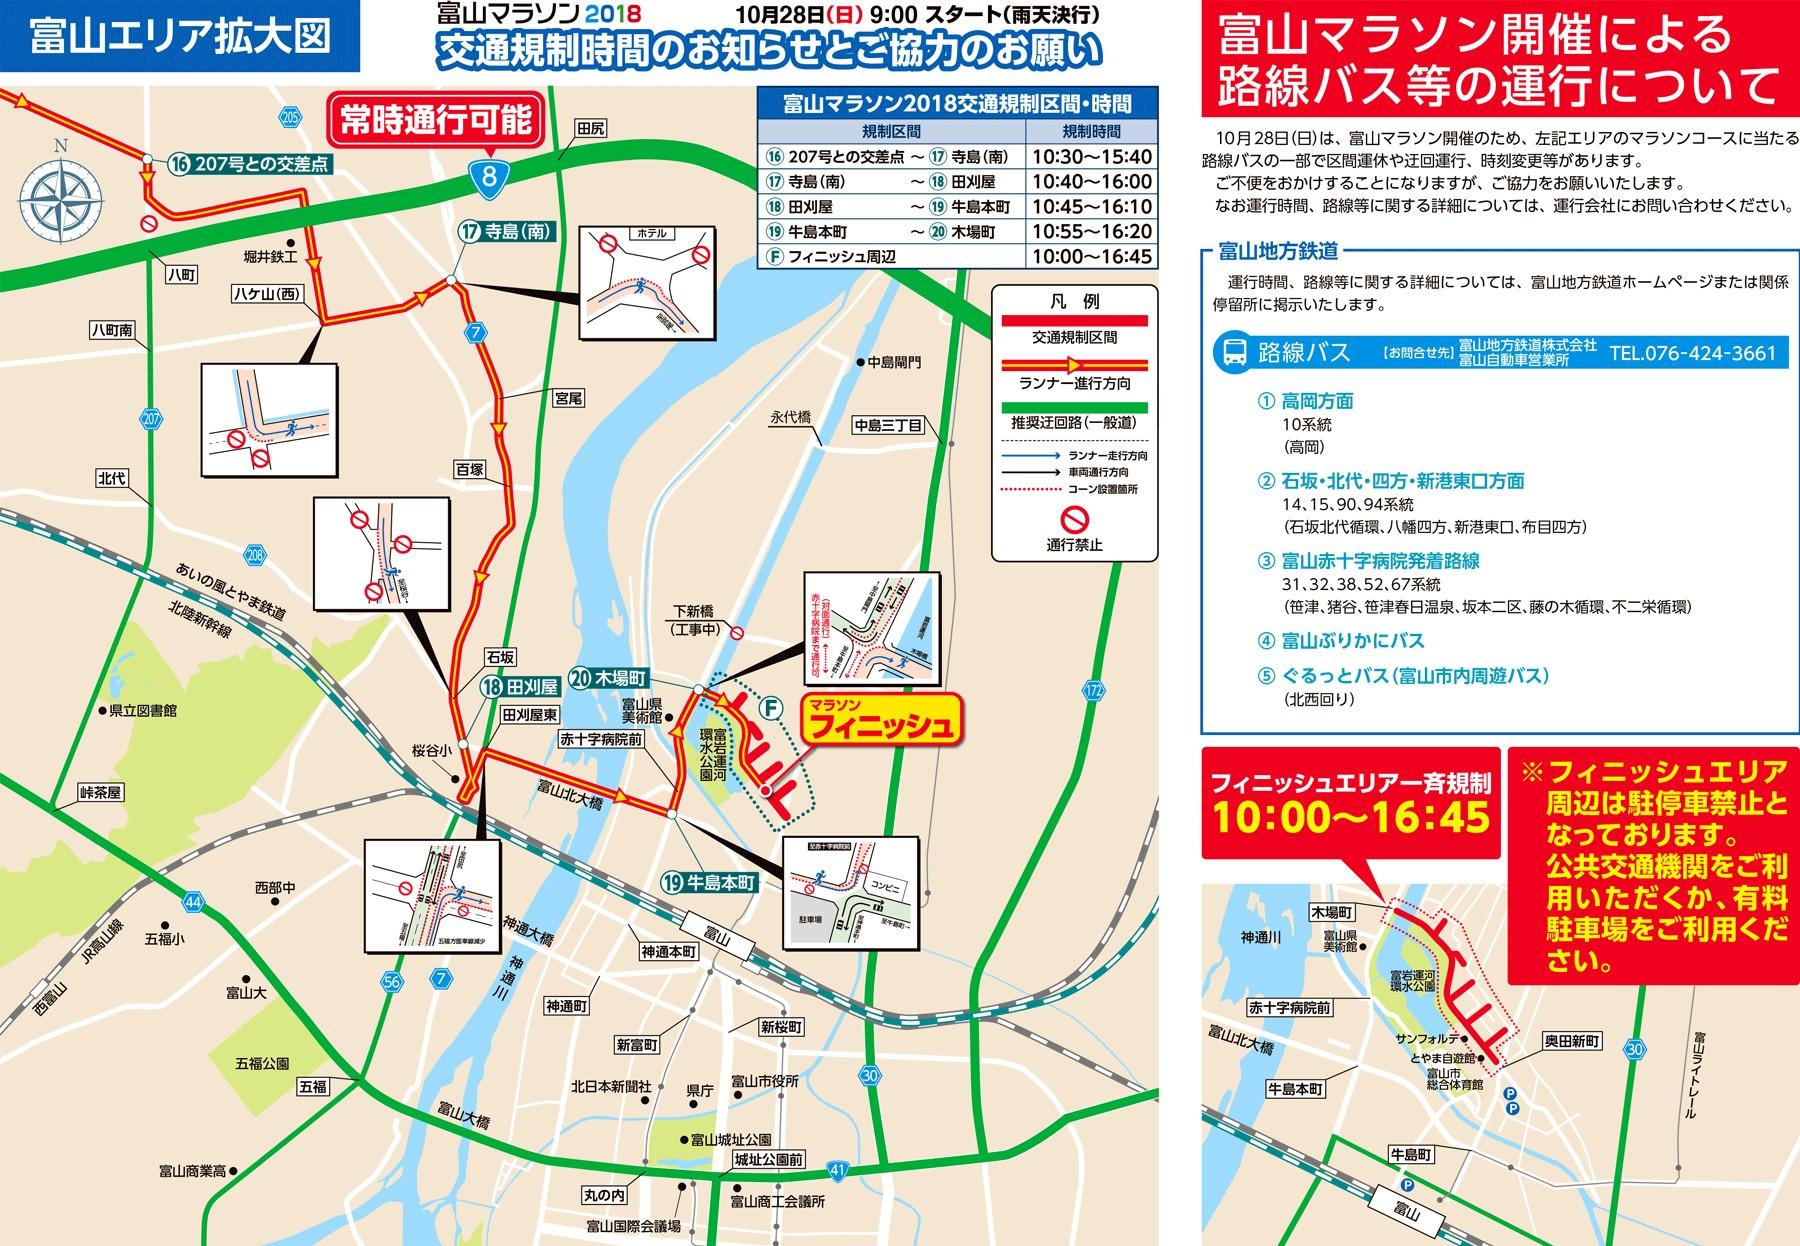 富山マラソン2018交通規制マップ(富山エリア拡大)